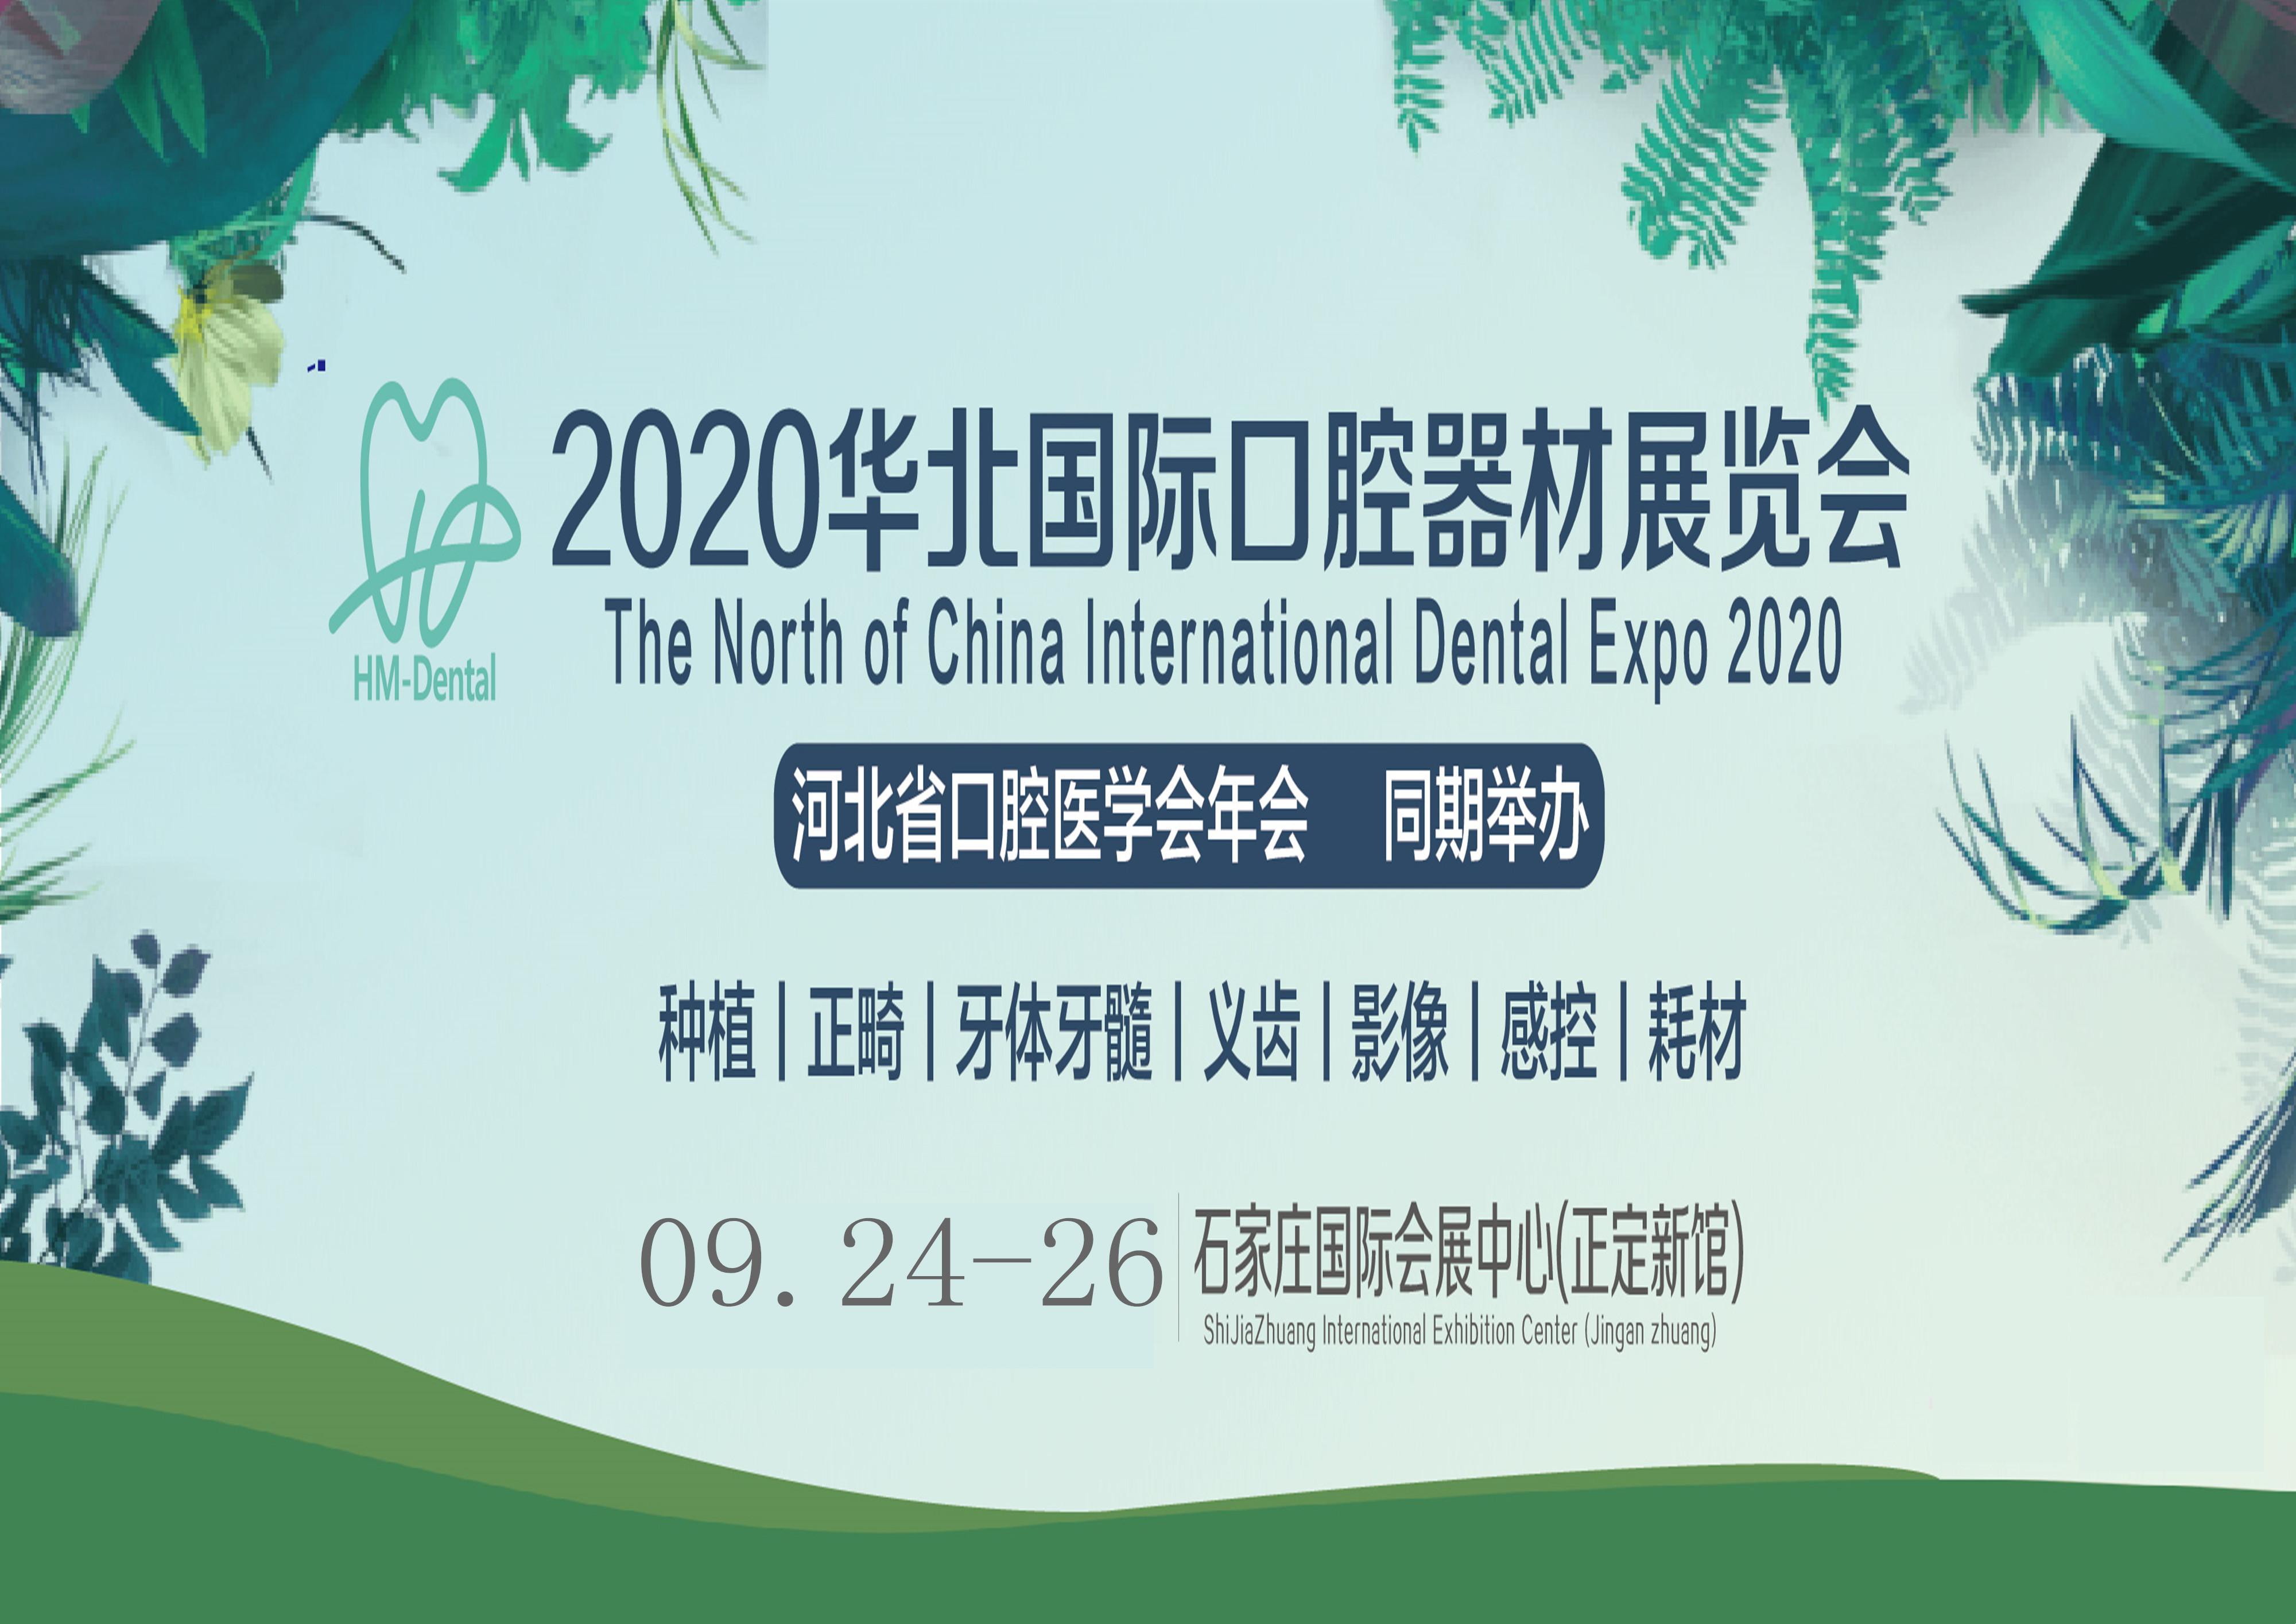 2020華北國際口腔器材展覽會暨河北省口腔醫學會年會